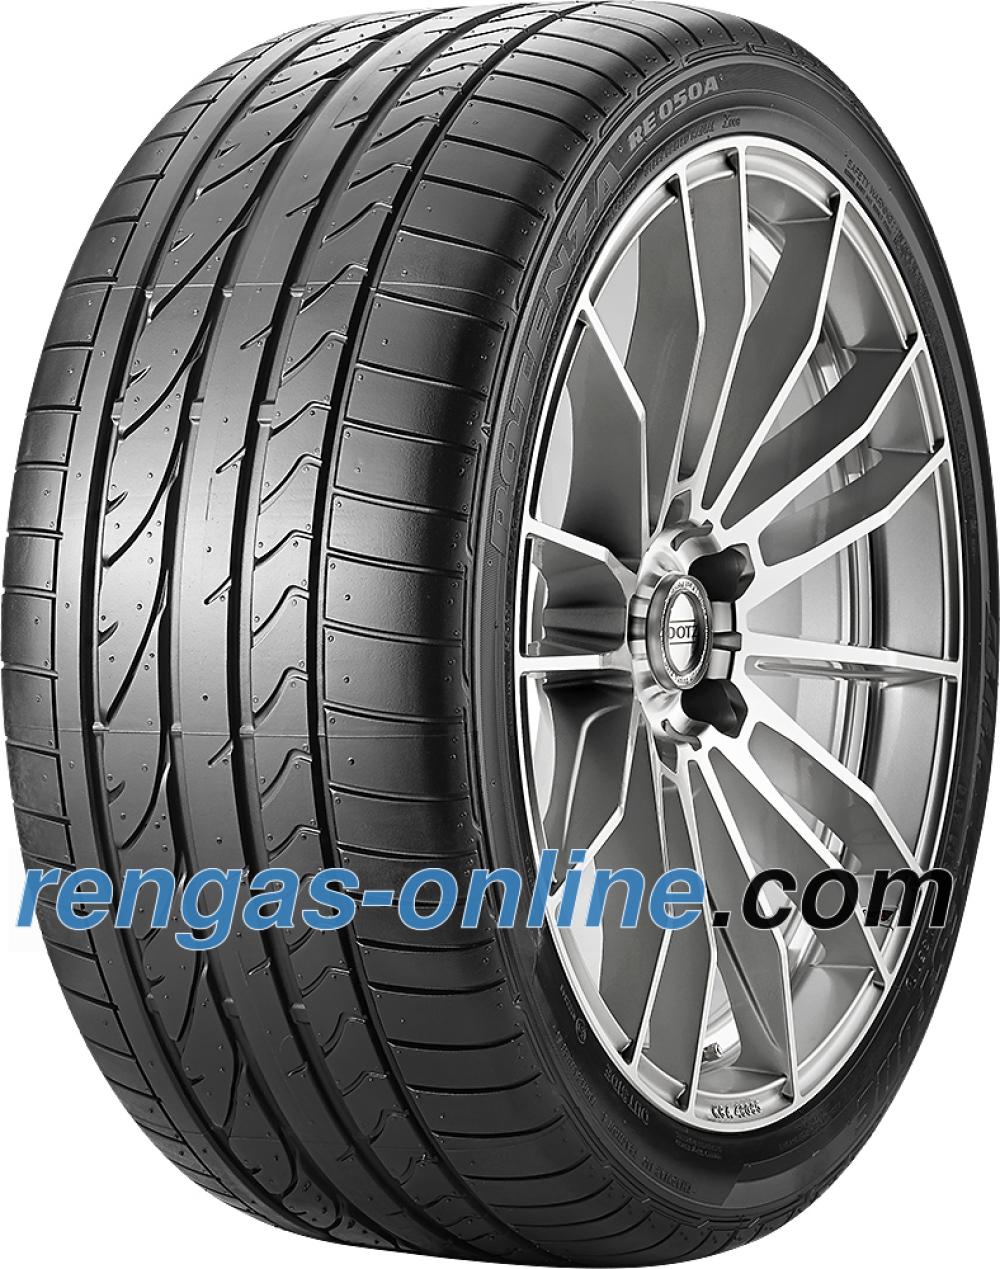 bridgestone-potenza-re-050-a-ecopia-24545-r18-96w-vannesuojalla-mfs